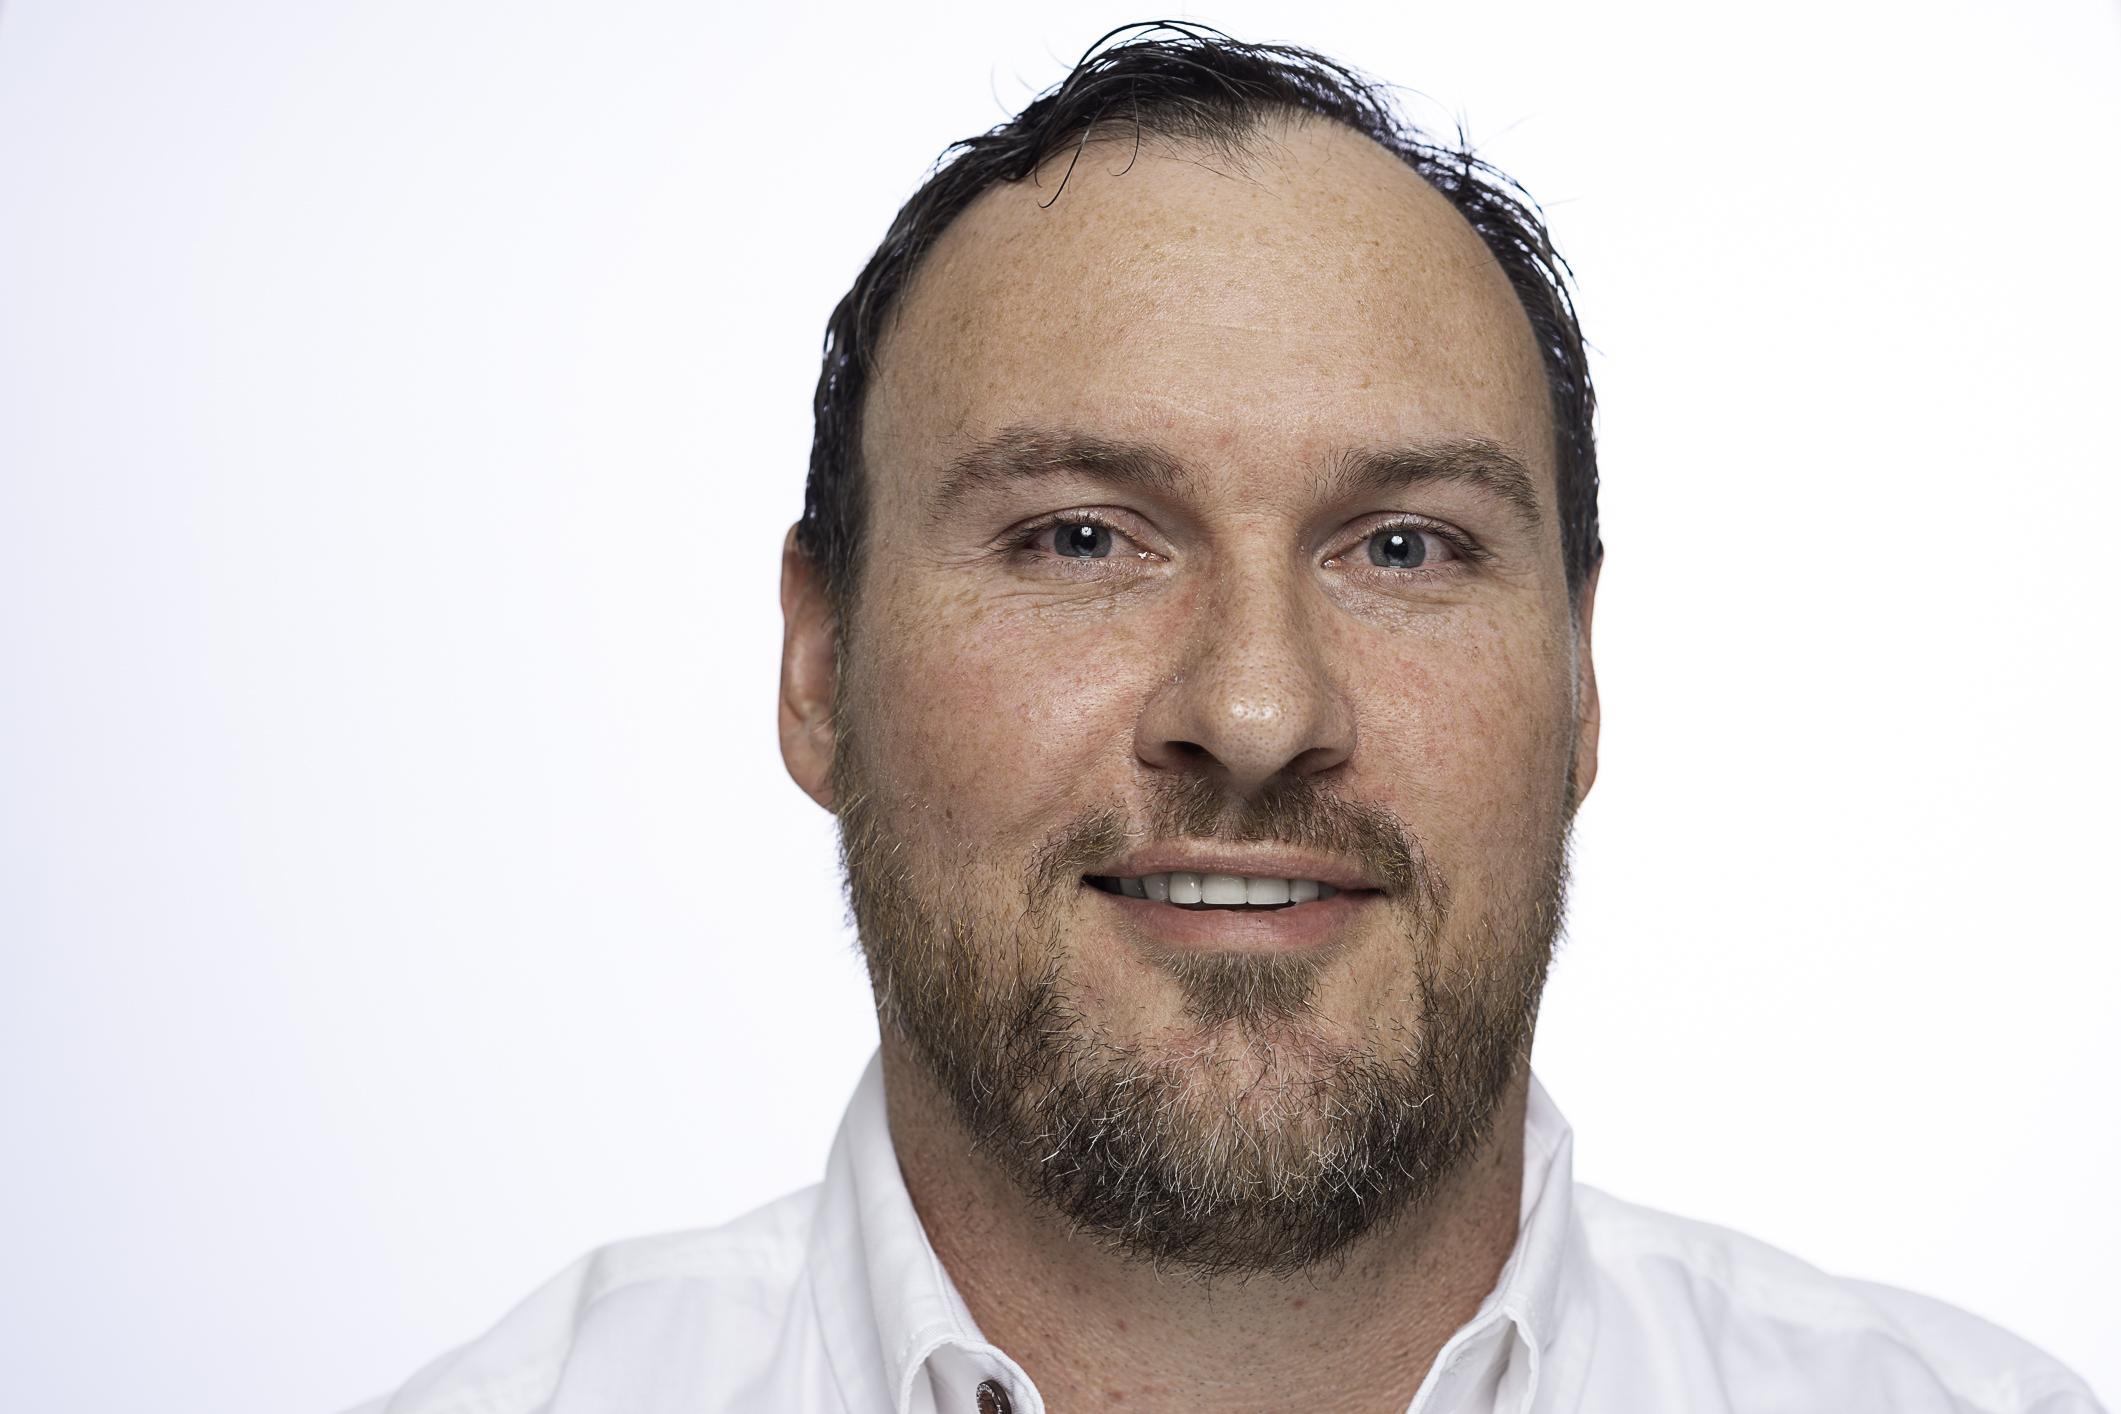 Brendan Fehringer